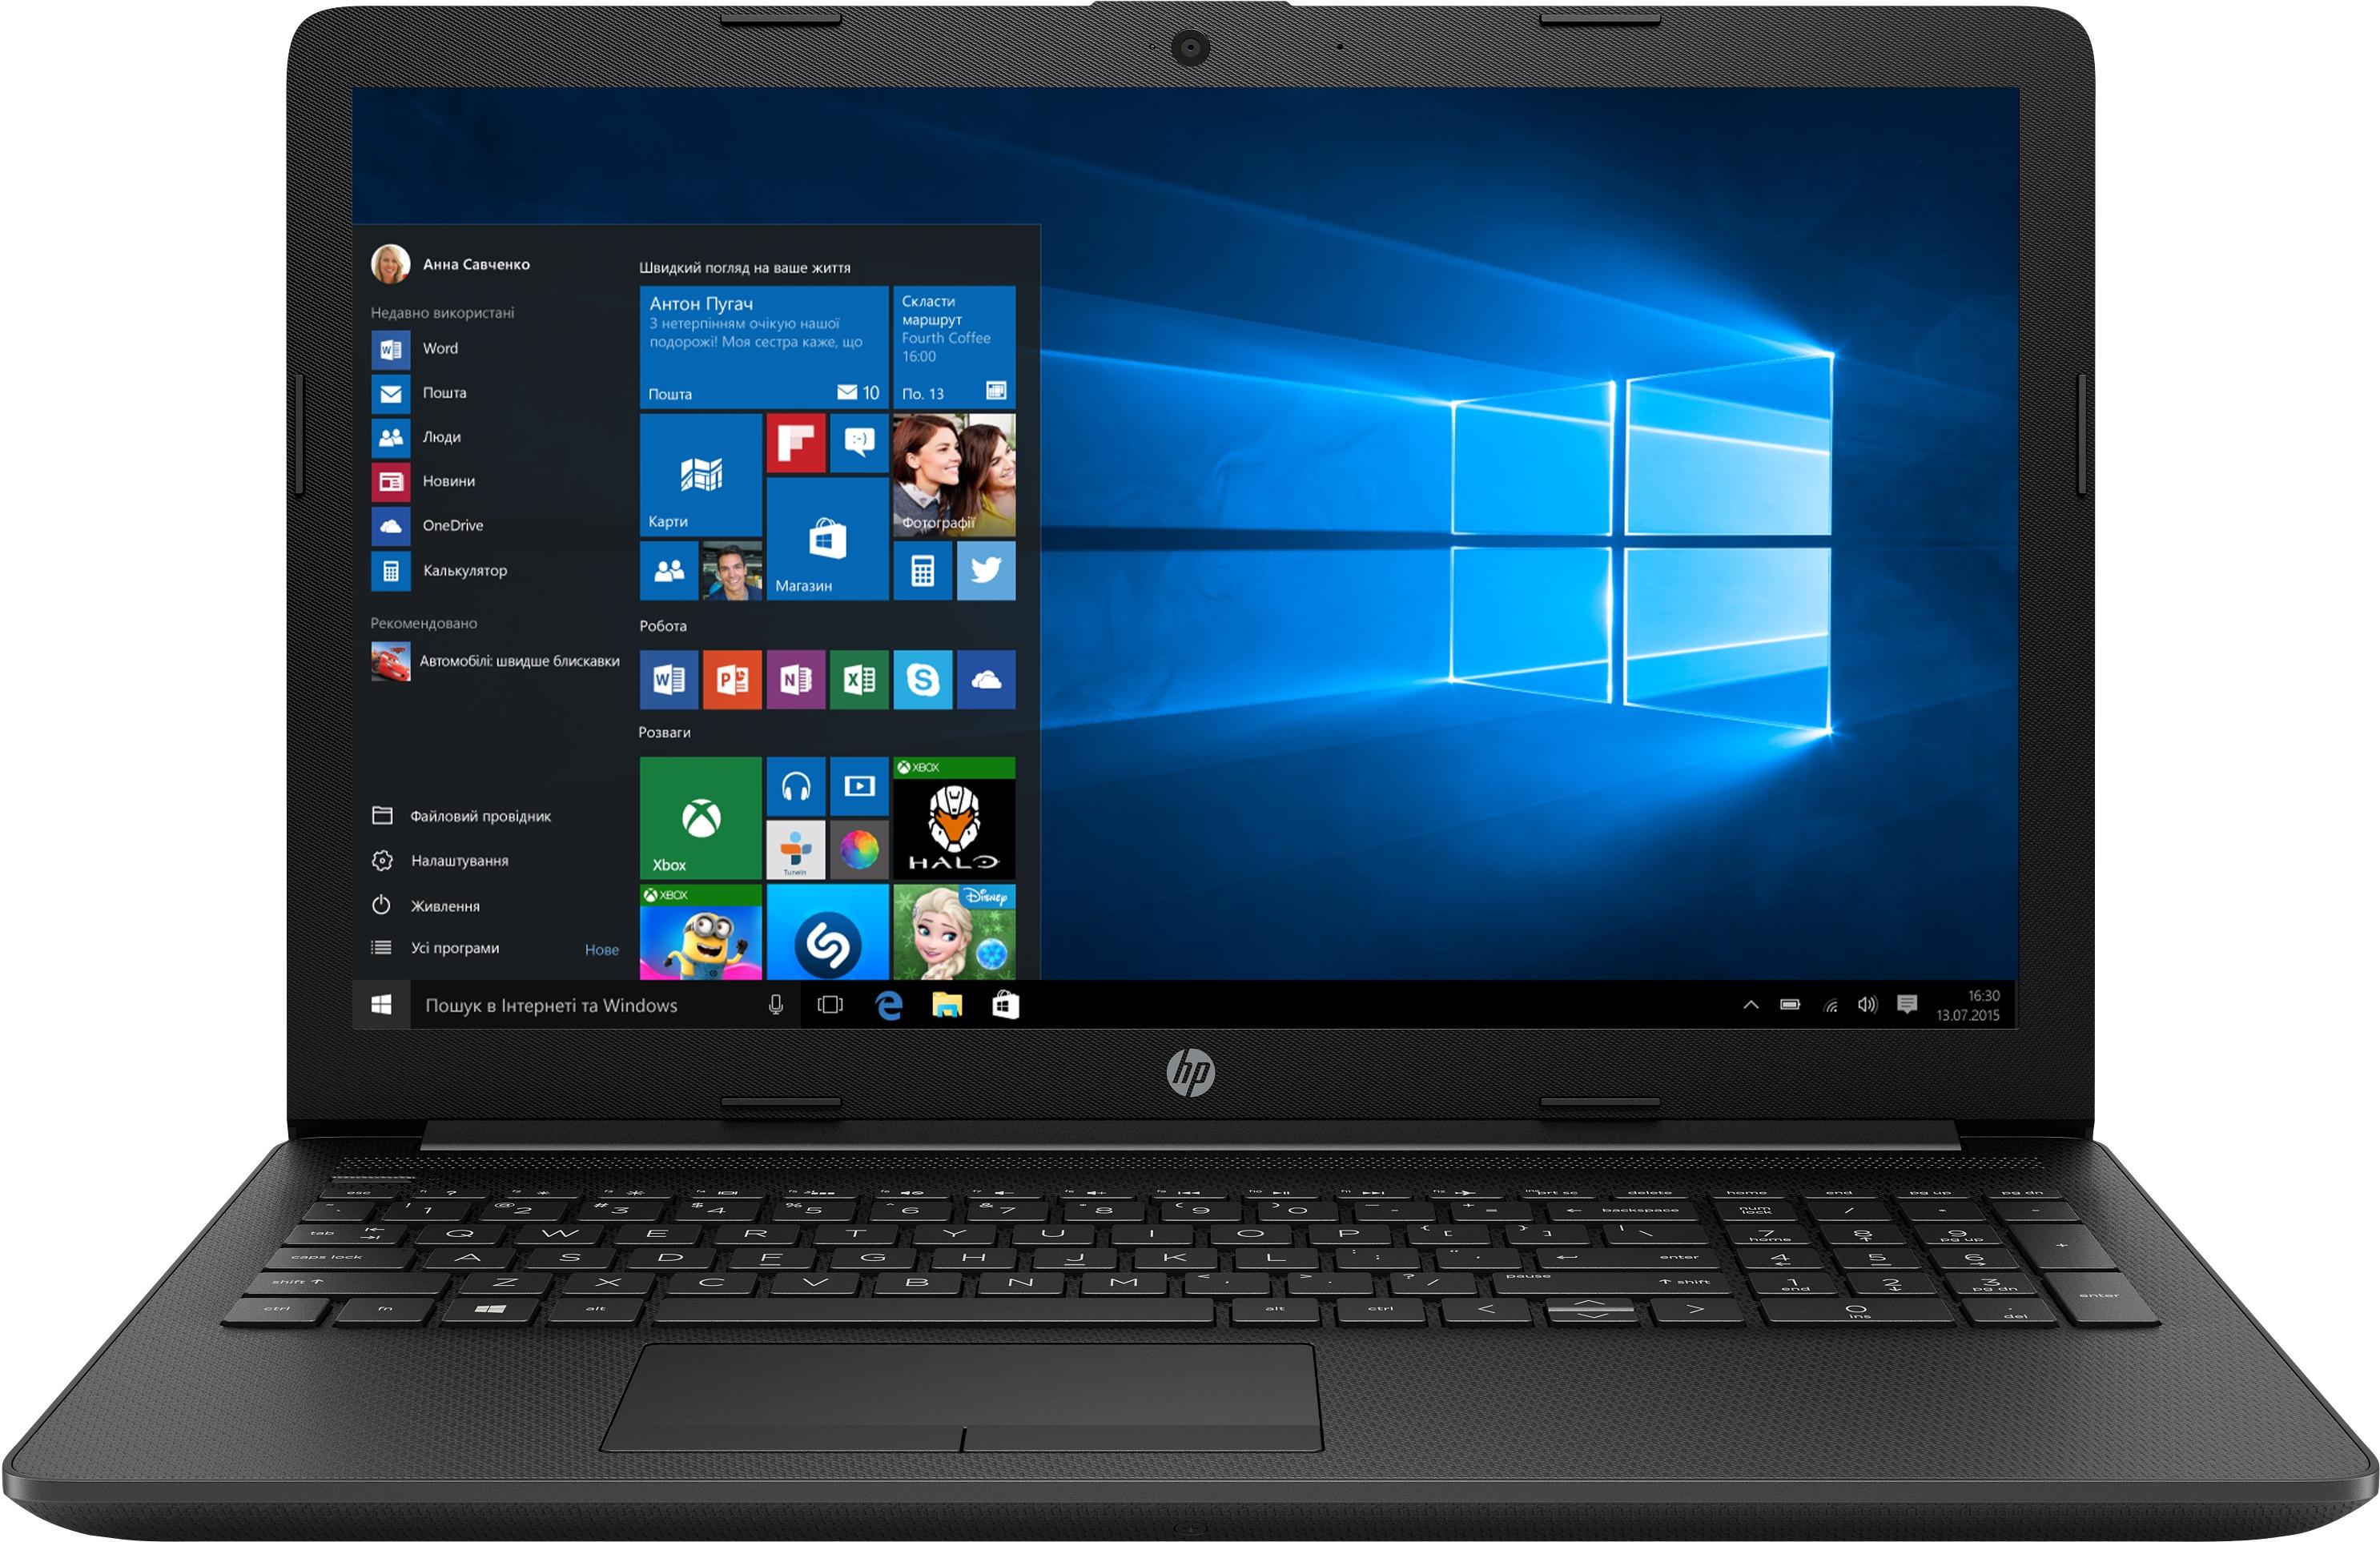 Ноутбук HP 15-db0049ur Black (4KG50EA) купить по низкой цене в Киеве, Харькове, Днепре, Одессе, Запорожье, Украине | Интернет-магазин Eldorado